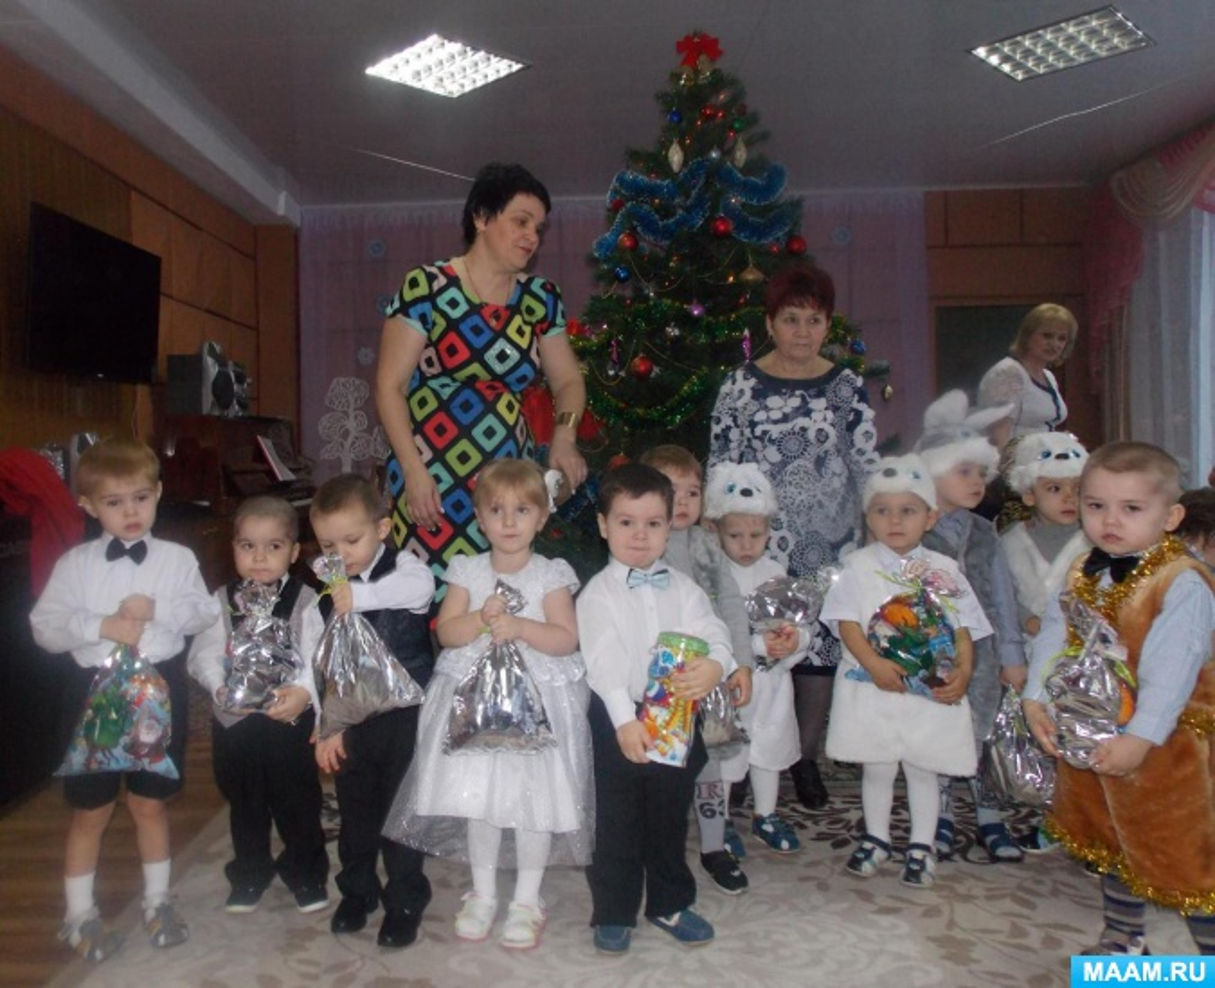 Новогоднее поздравление для деда мороза от детей